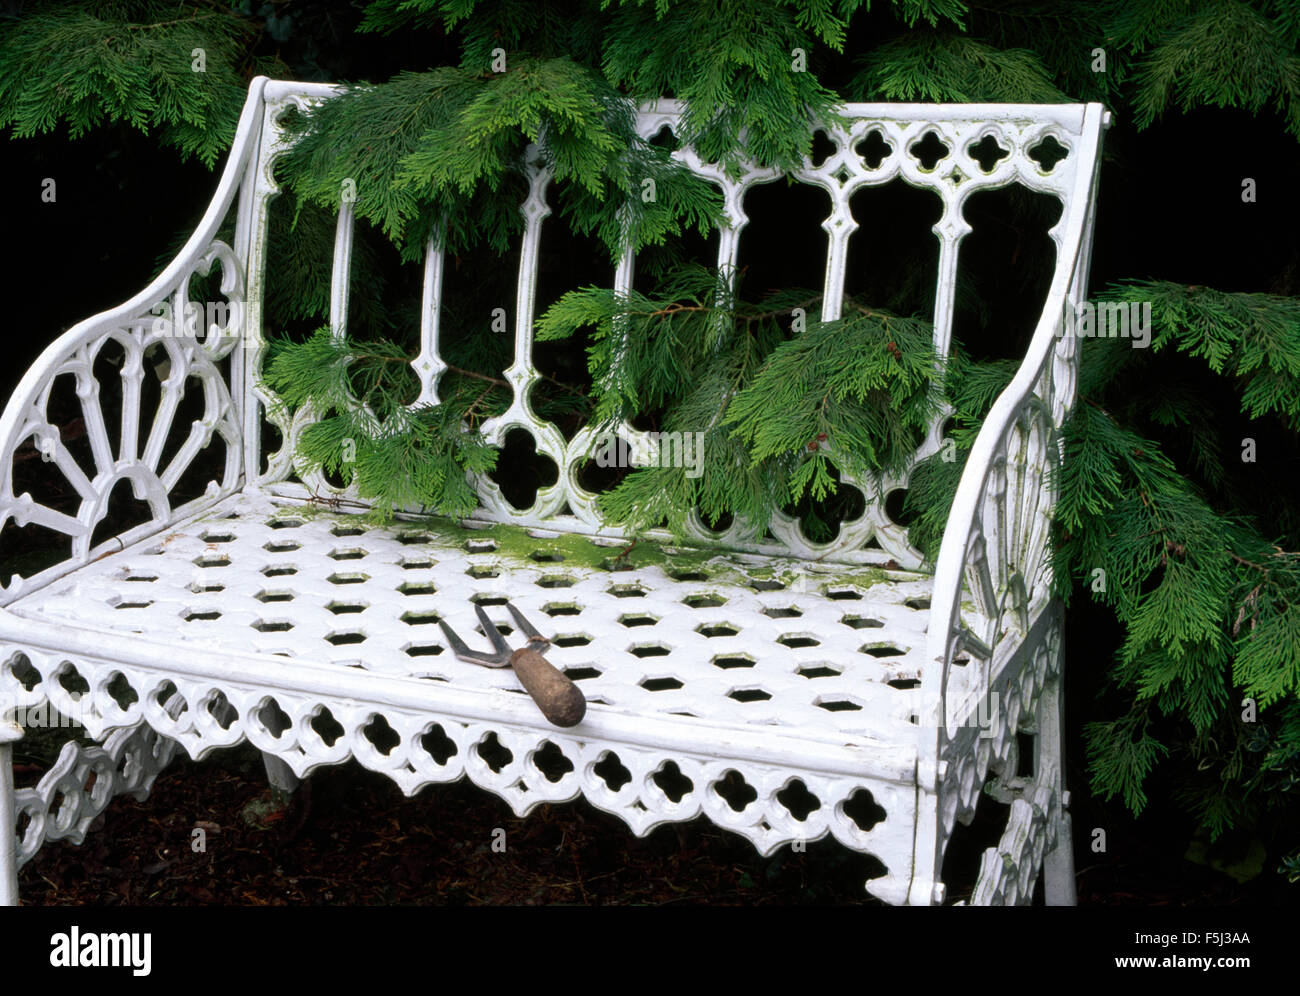 Panchine Da Giardino In Ferro Battuto.Piccolo Giardino Forcella Su Un Bianco Di Ferro Battuto Panchina Da